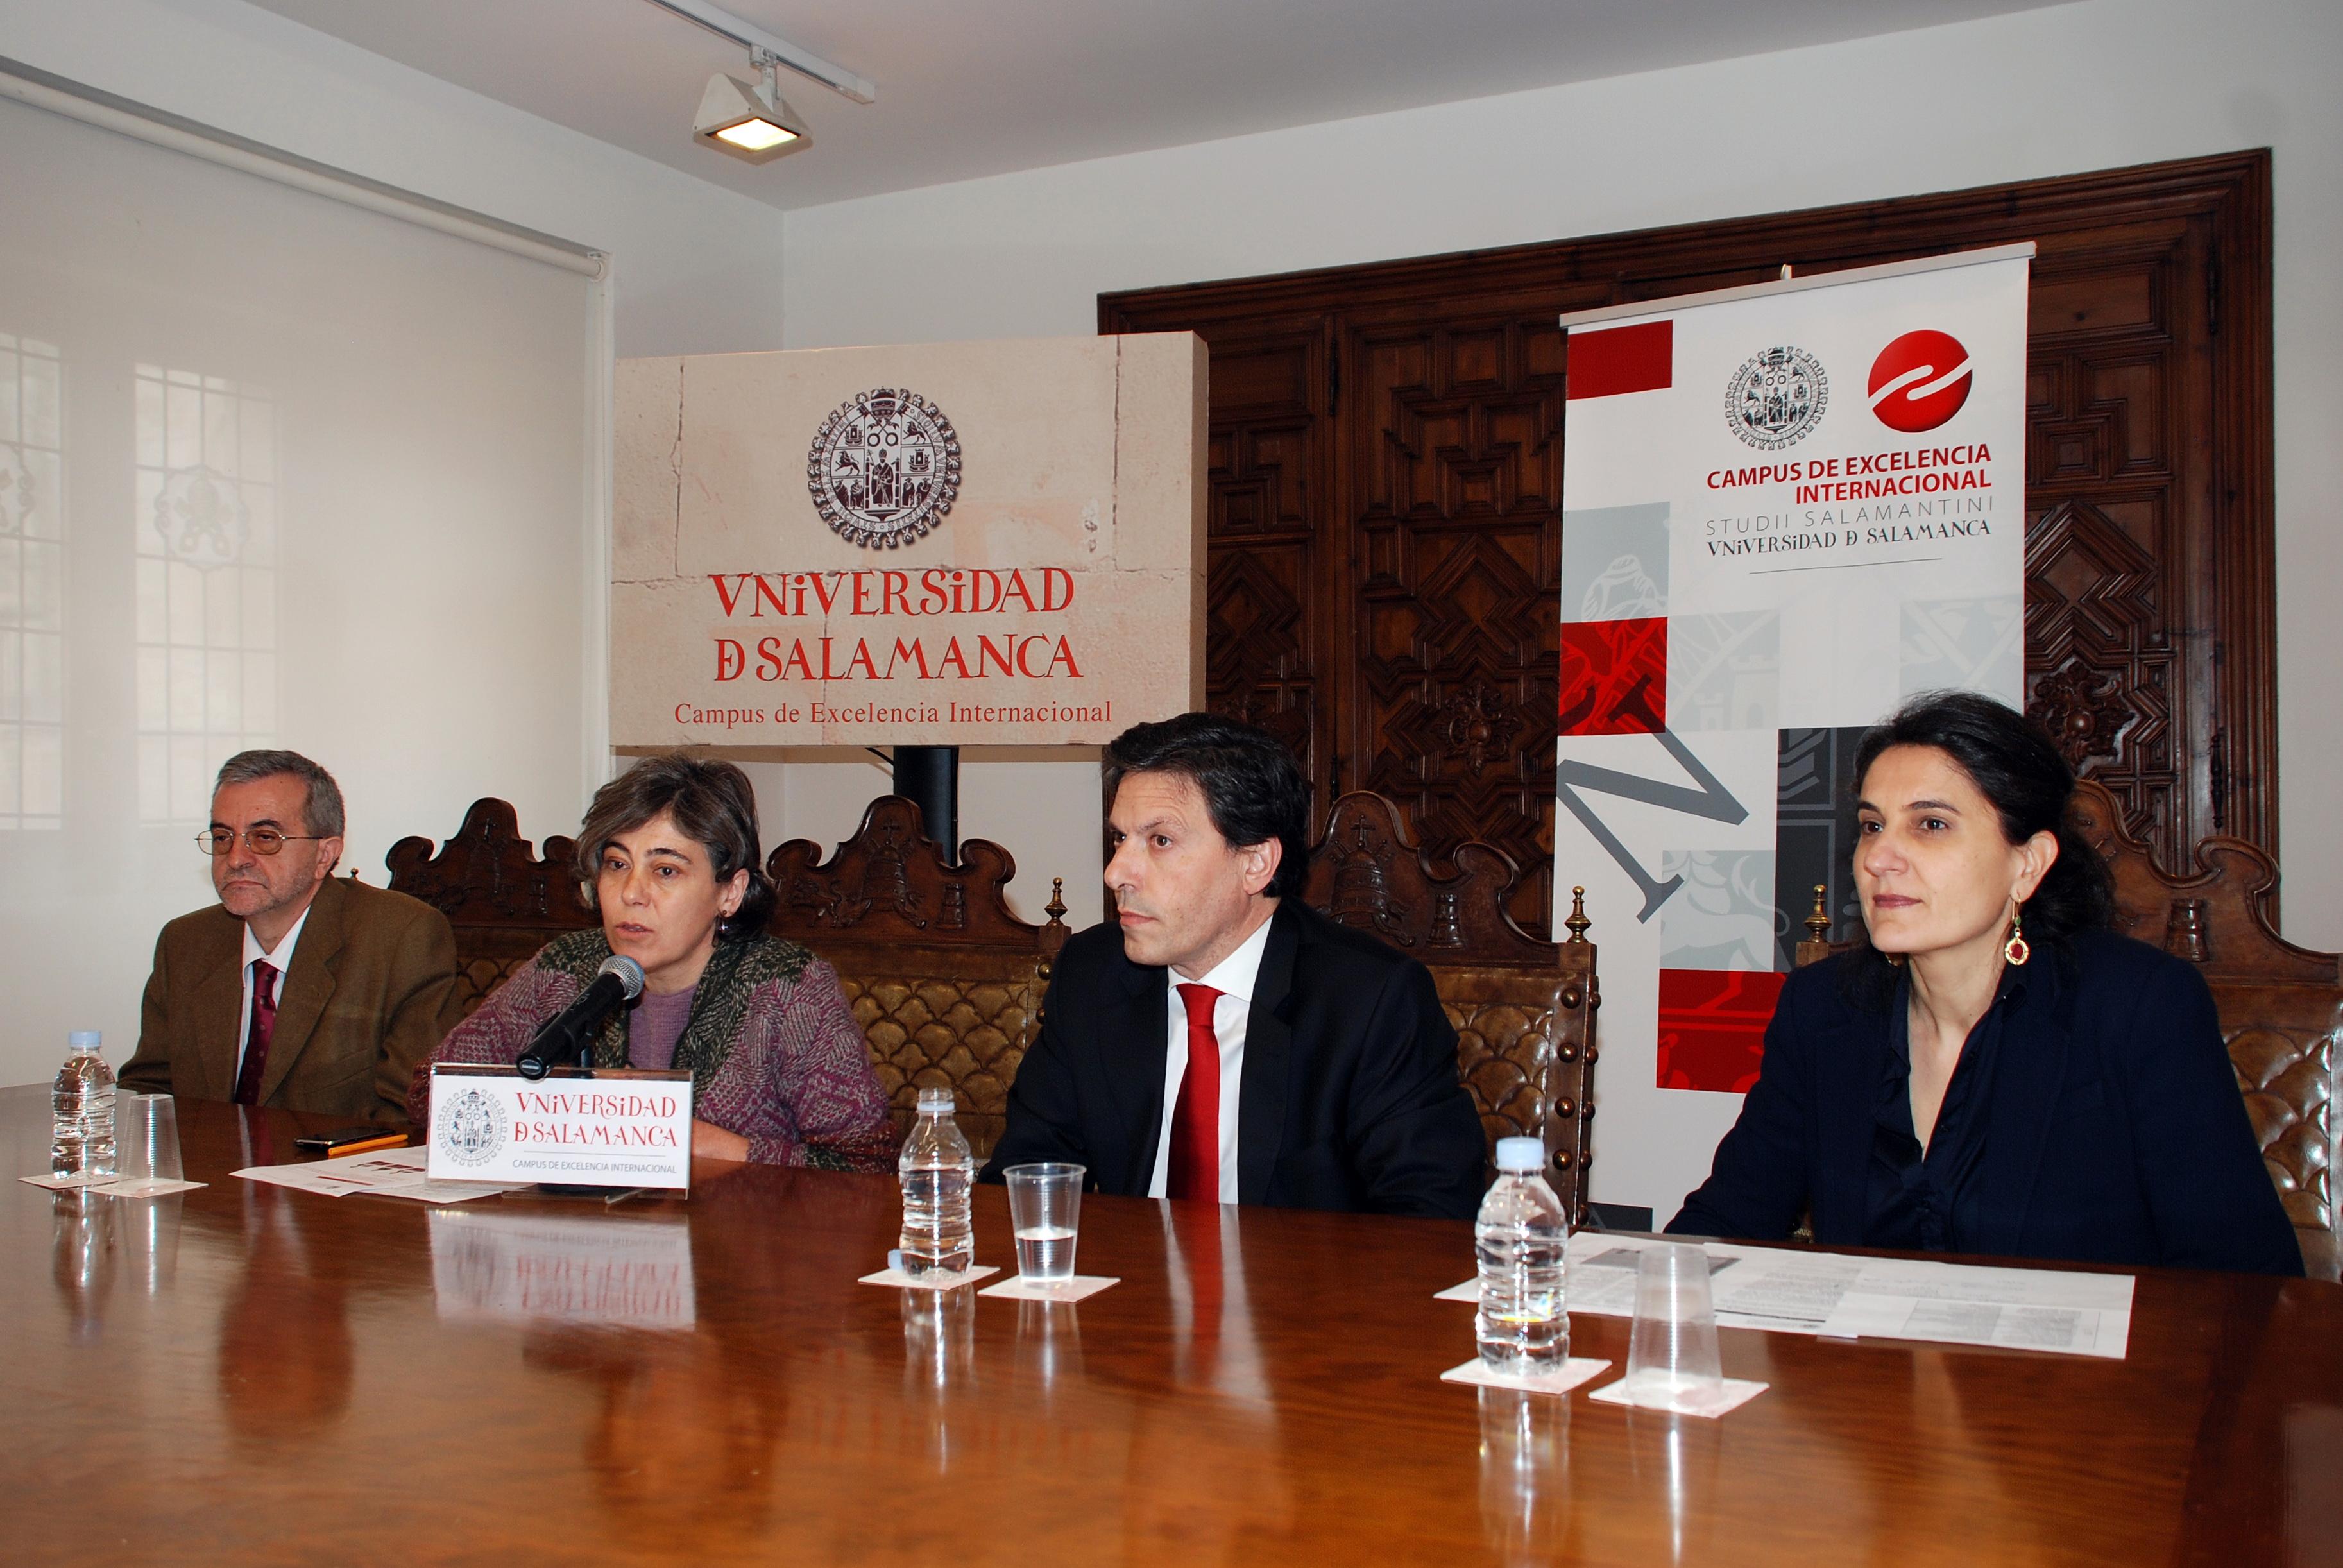 La Universidad de Salamanca asesora a estudiantes y graduados en la creación de empresas